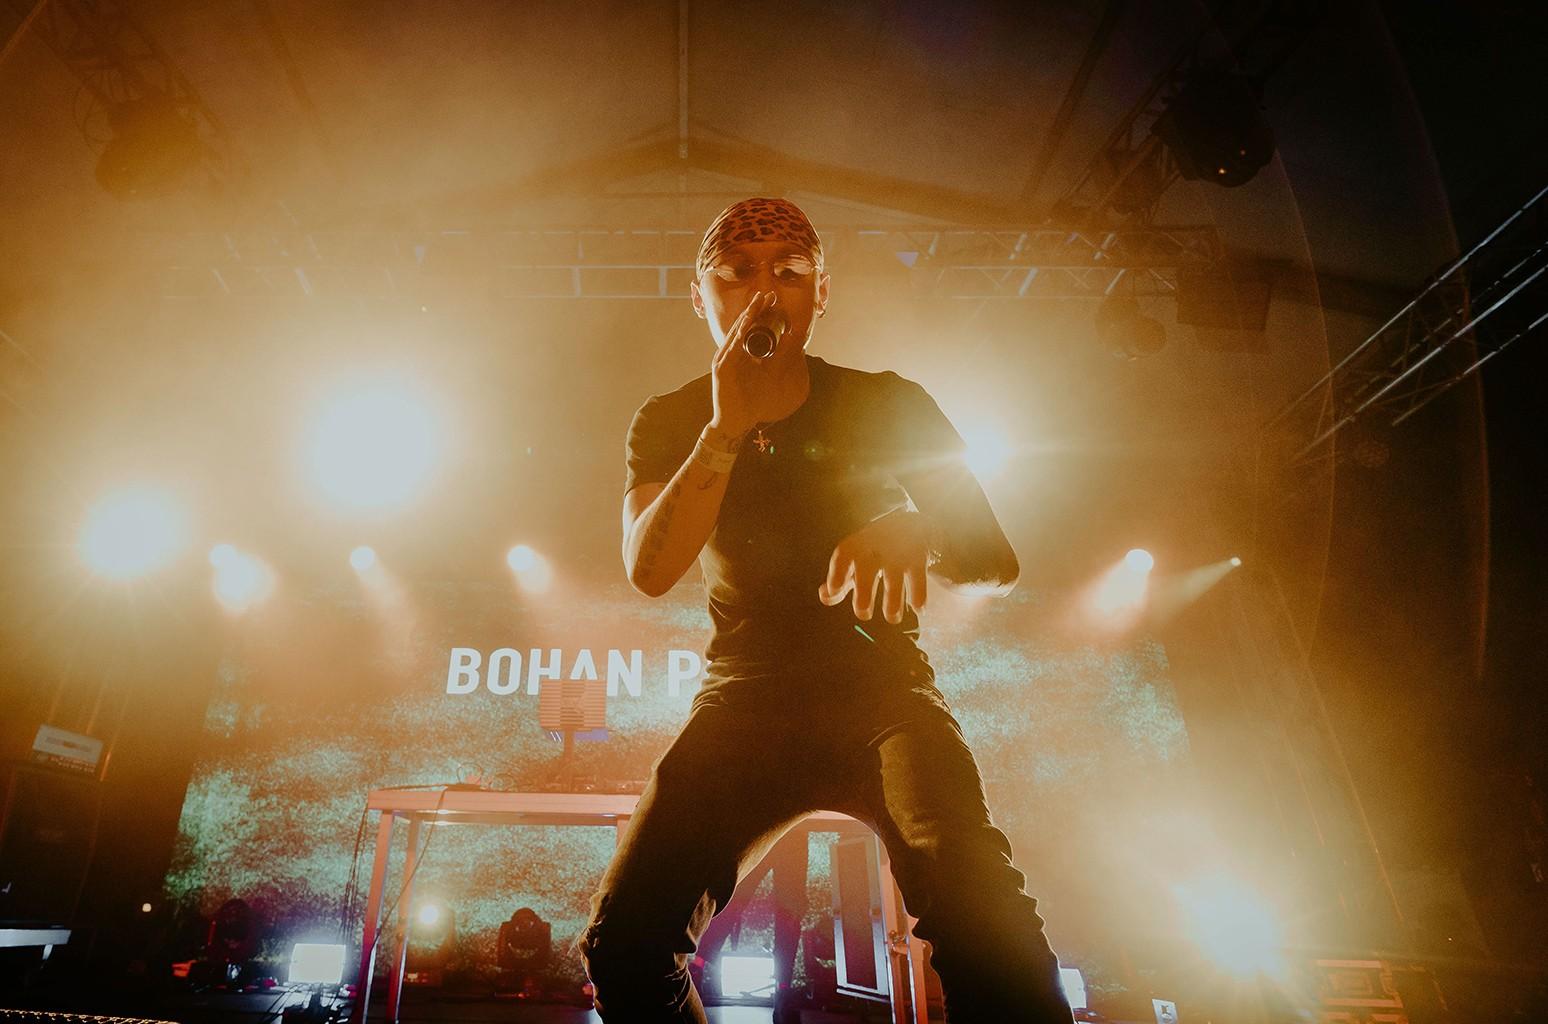 Bohan Phoenix